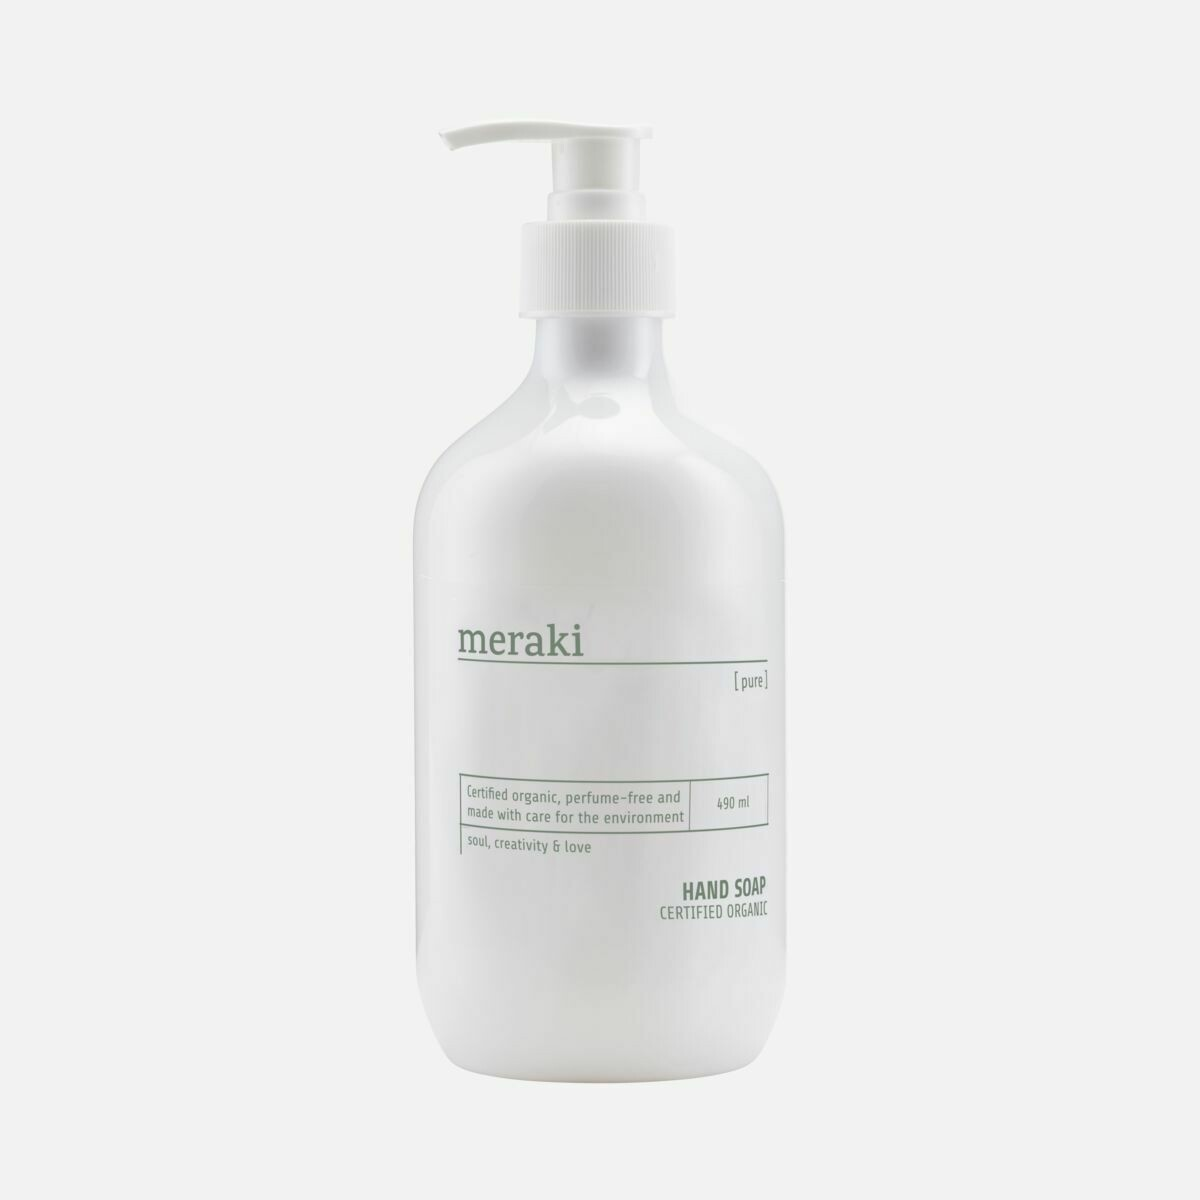 Hand Soap Pure, 490ml